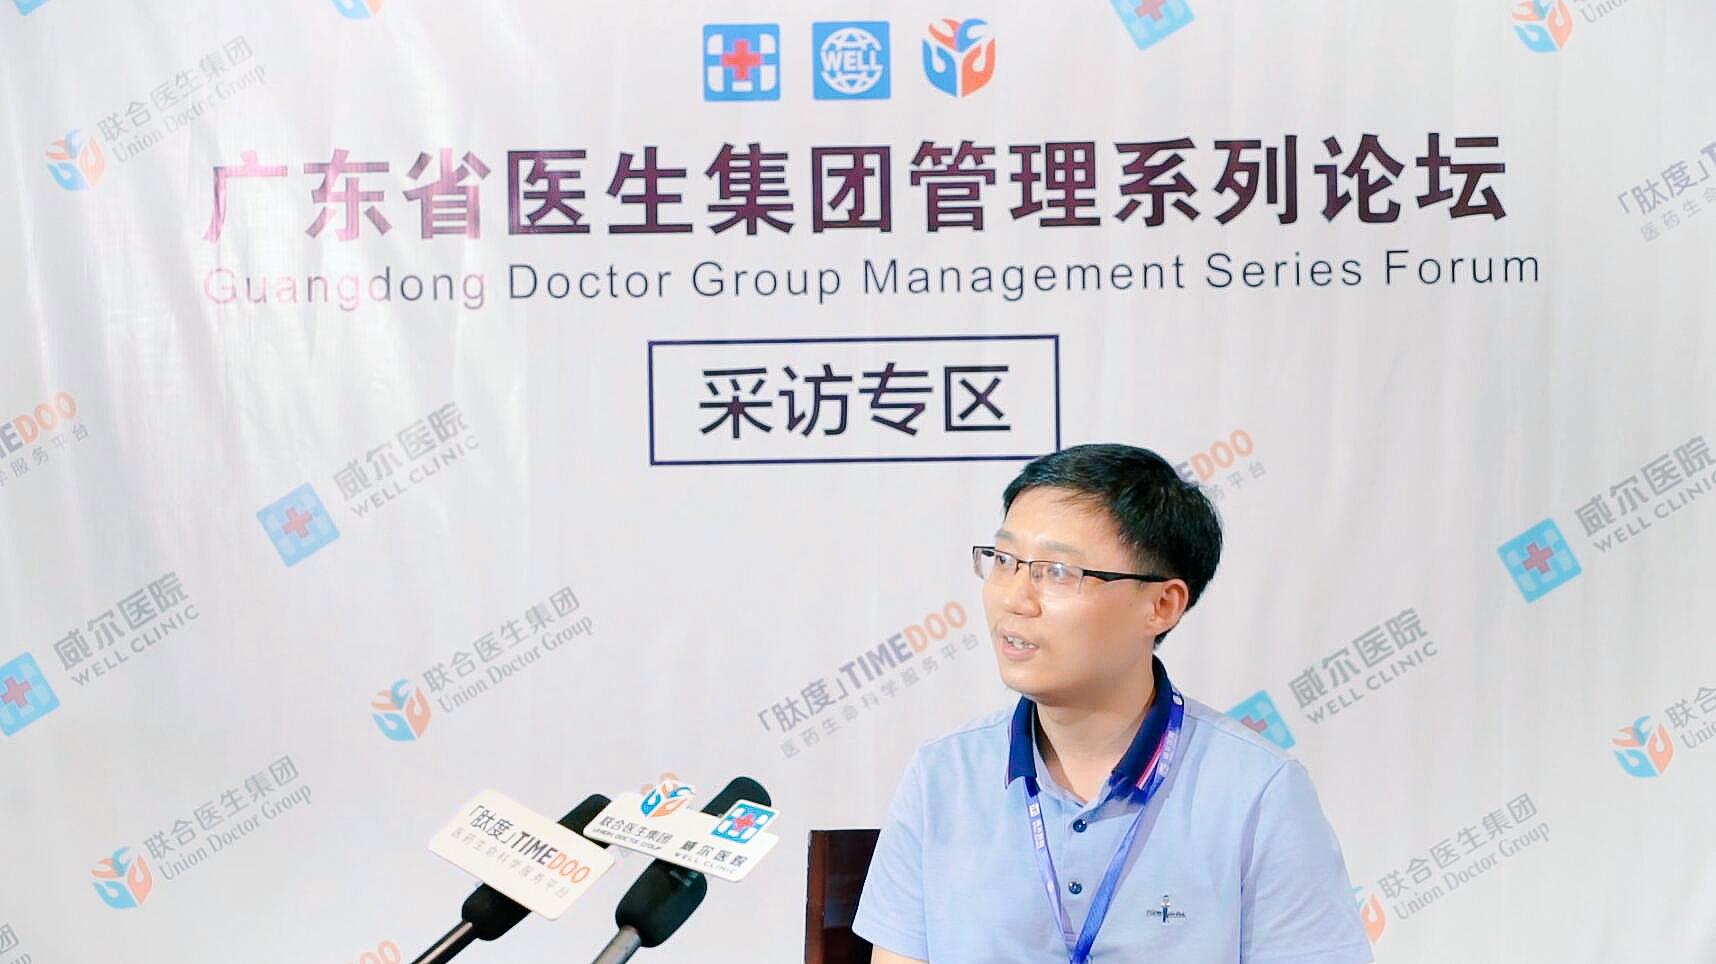 邢象斌:医生集团、医生孵化器的出现是公立医院的有效补充,缓解老百姓看病难问题